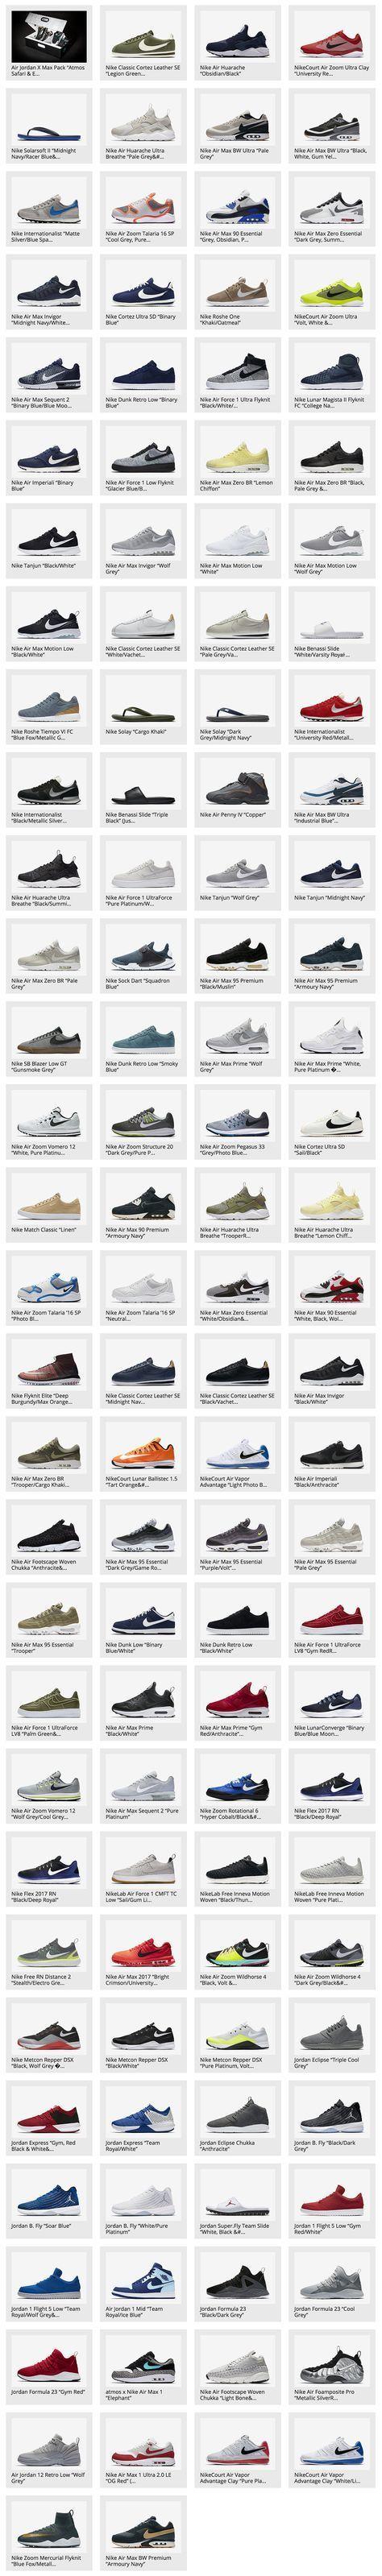 122 Nike \u0026 Jordan Brand Sneakers That